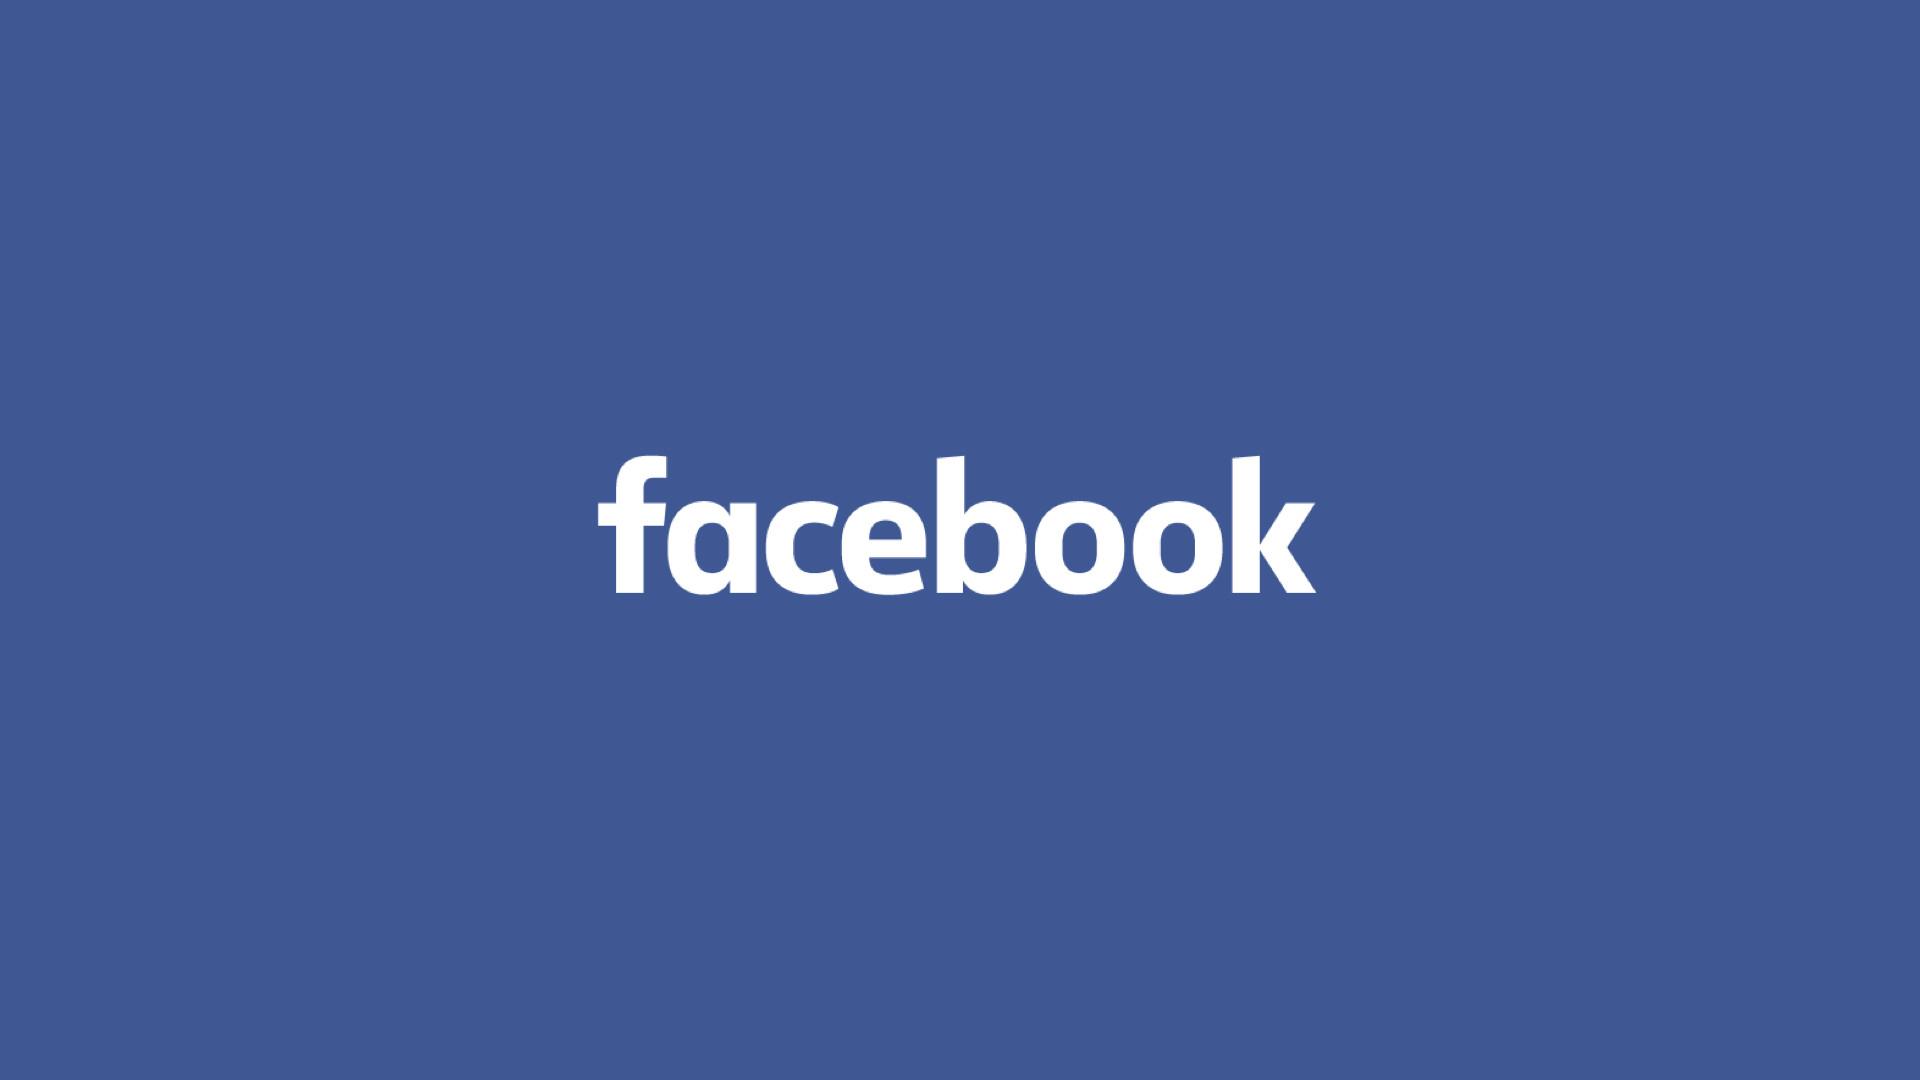 facebookallowsnonmedicalhomemadefacemasksonitsplatforms